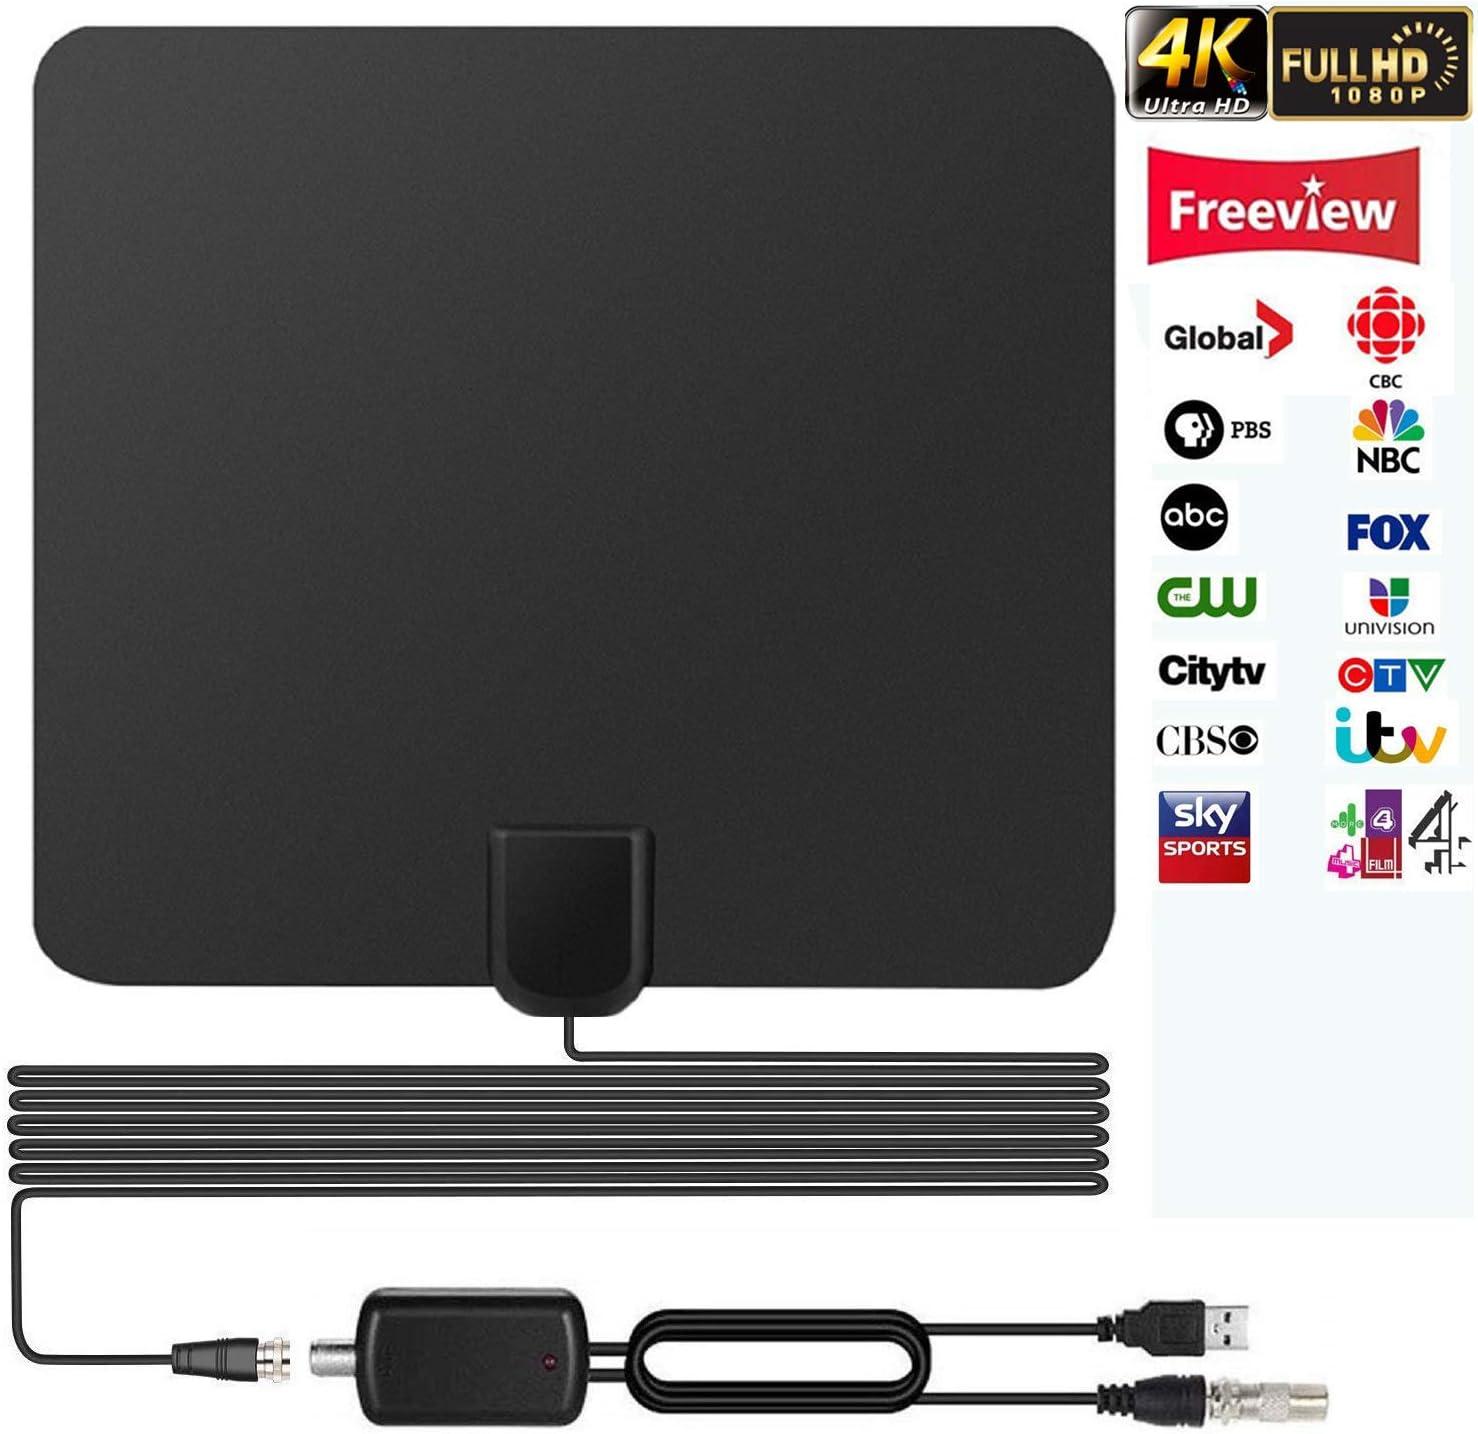 Antena de TV, TELEV Antena Interior HDTV de Rango Amplificado de 65 Millas con Amplificador de Señal Desmontable y Cable Coaxial DE 16.5 Pies Negro: Amazon.es: Electrónica